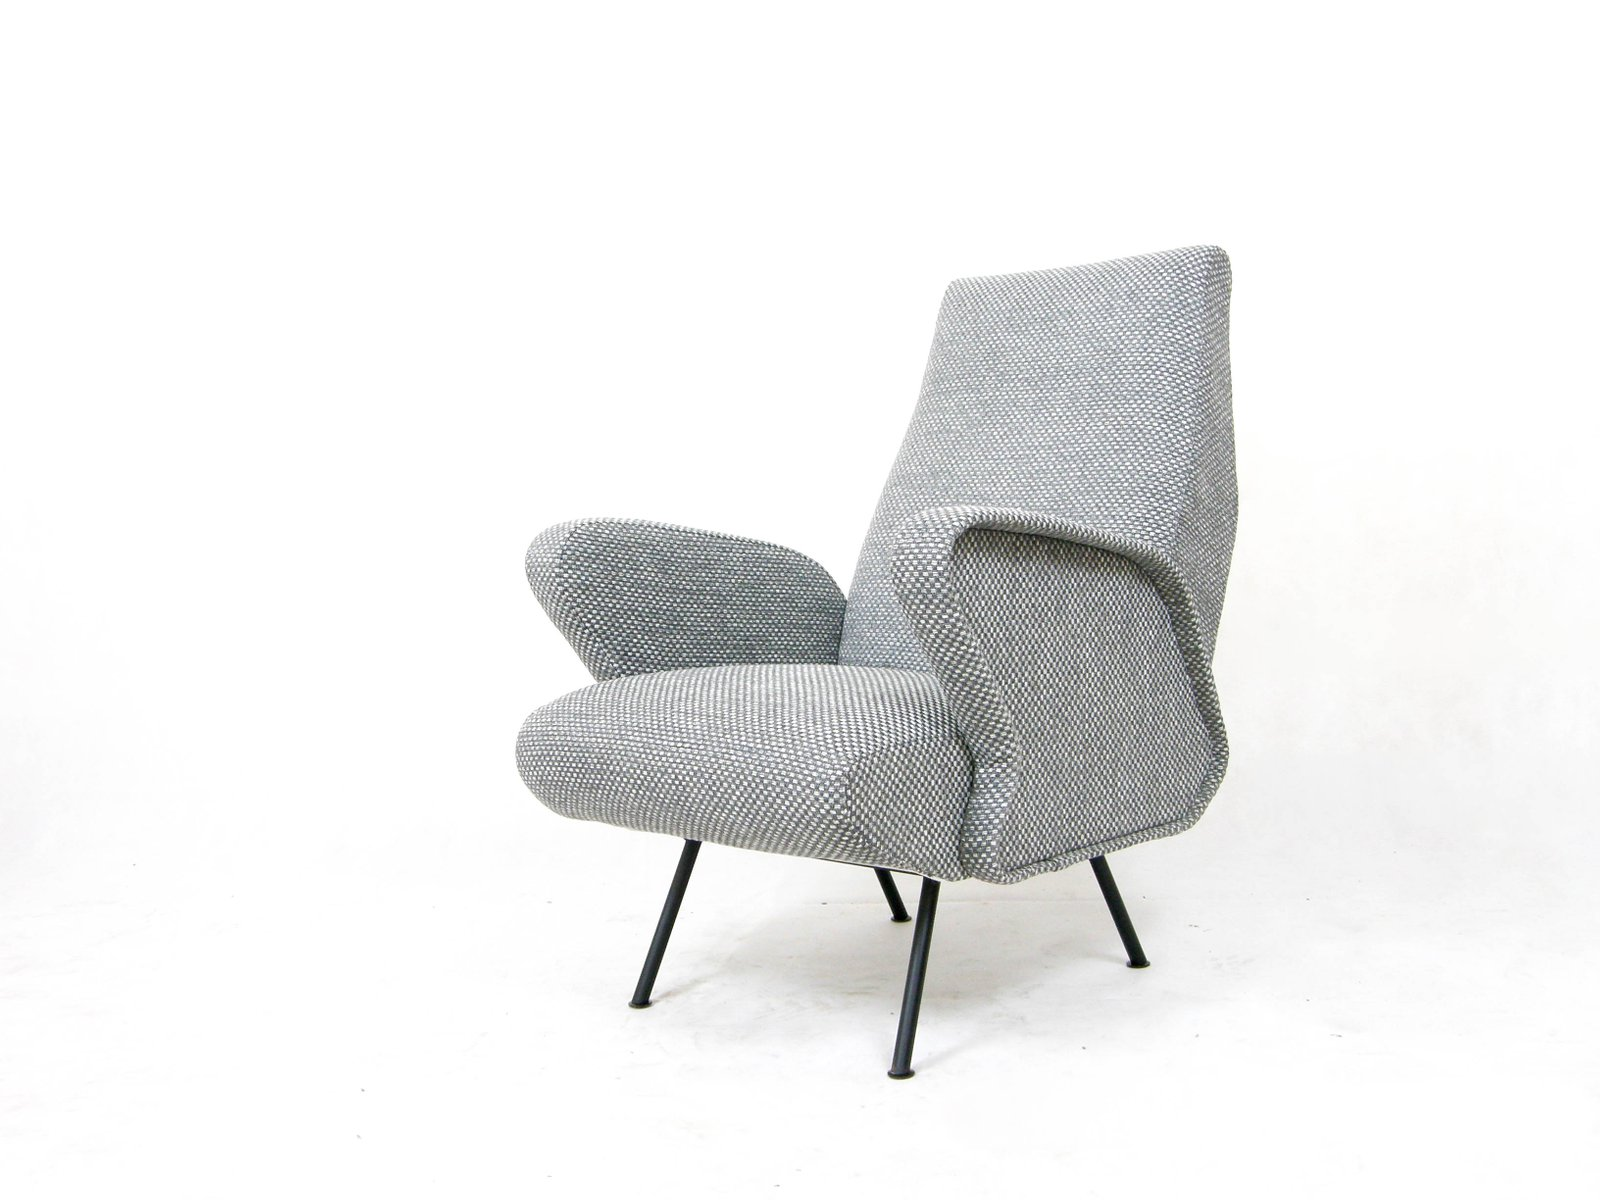 italienischer grauer sessel 1950er bei pamono kaufen. Black Bedroom Furniture Sets. Home Design Ideas